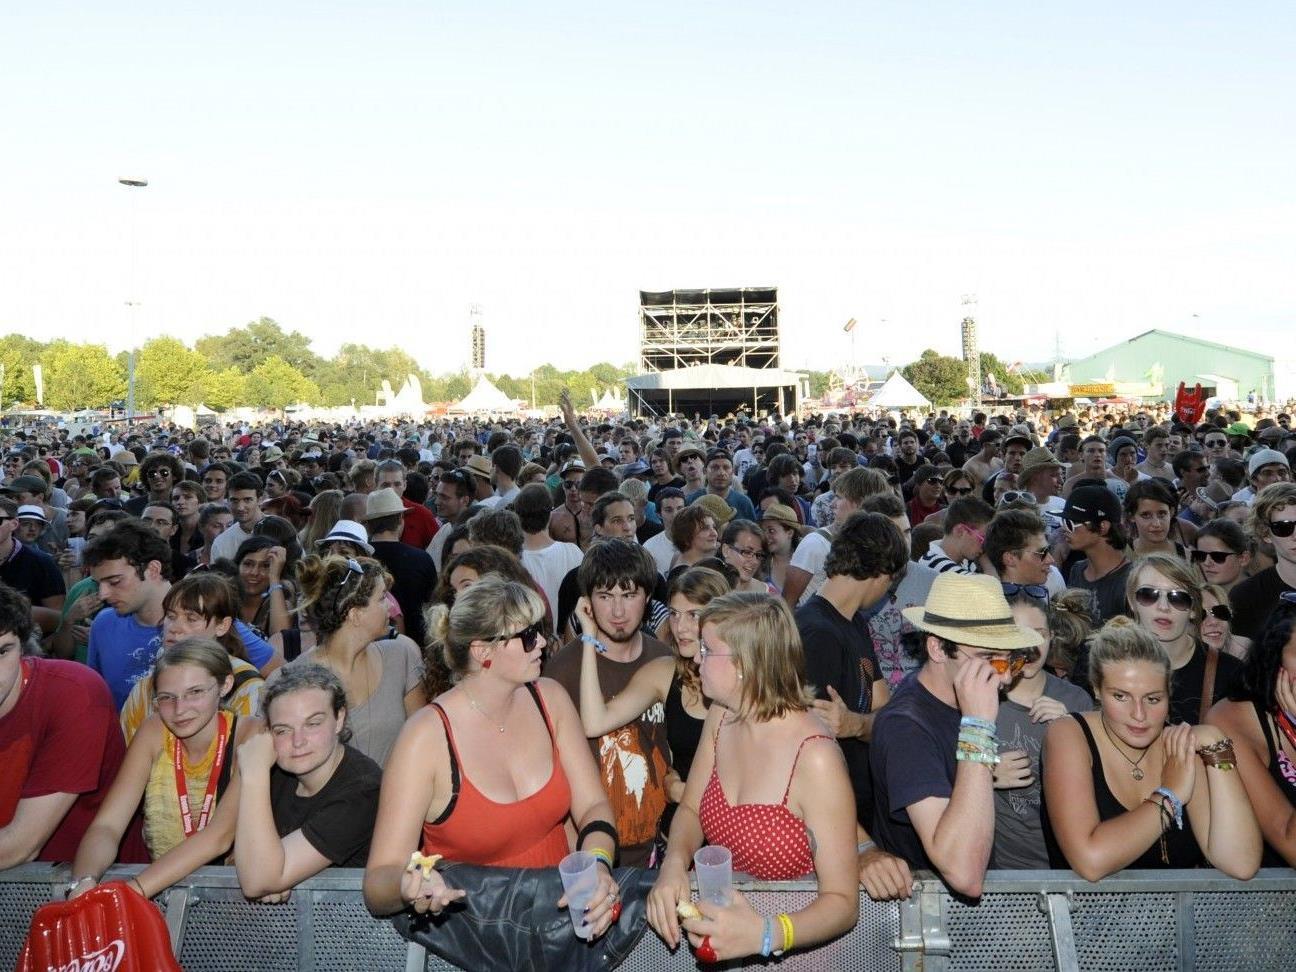 Mitspielen und zwei Festivalpässe für das Frequency inkl. Zipfer-Biergutscheinen gewinnen!